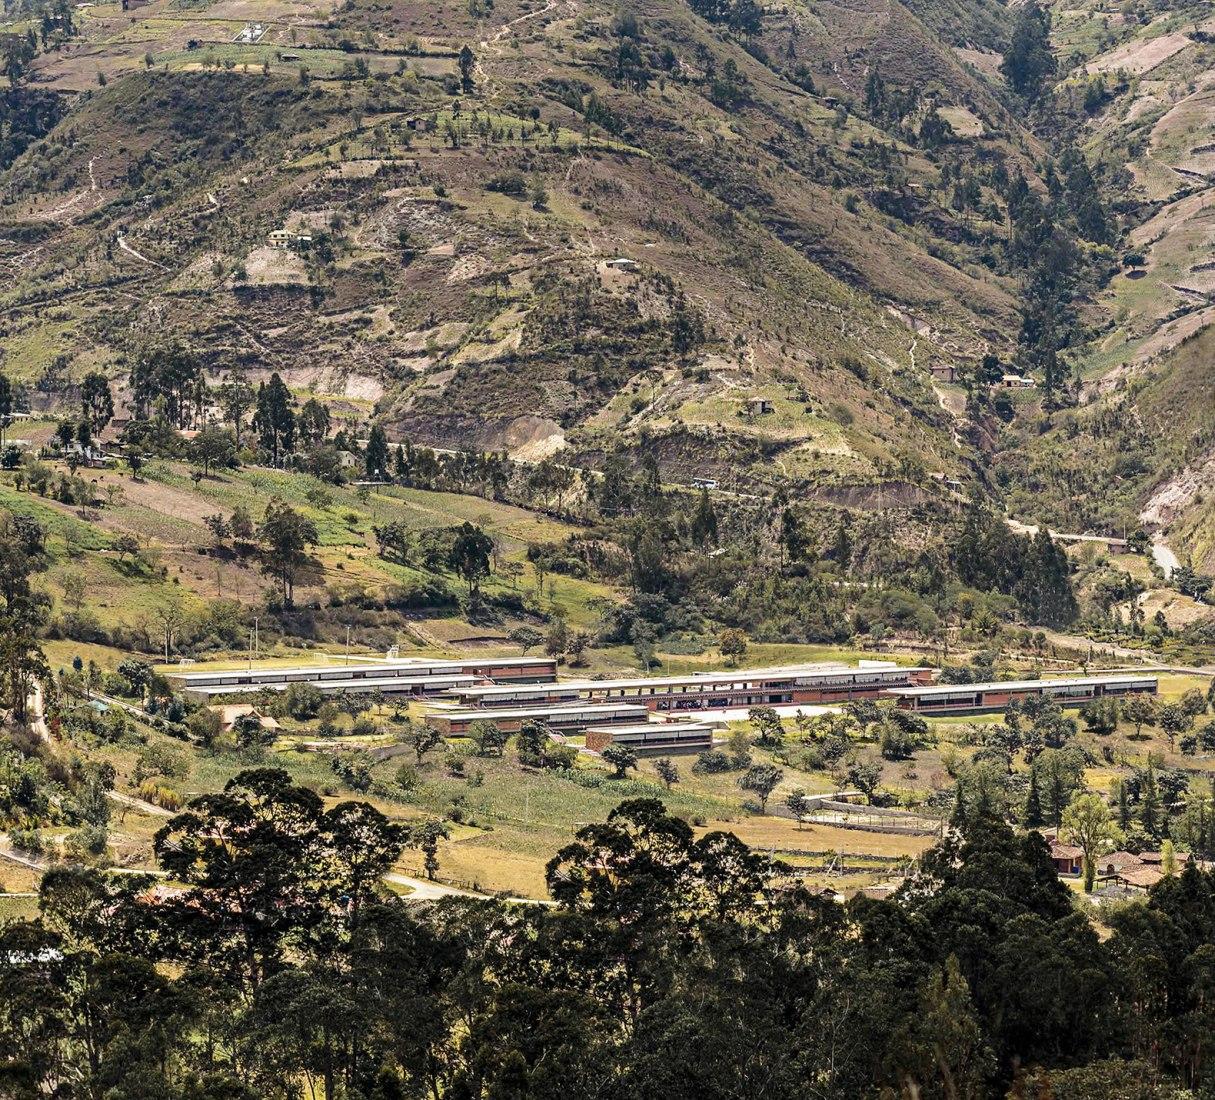 Proyectos de inversión pública en Ecuador. Unidad Educativa del Milenio. Gualaceo. Durán-Hermida Arquitectos. Imagen cortesía de Durán-Hermida Arquitectos.